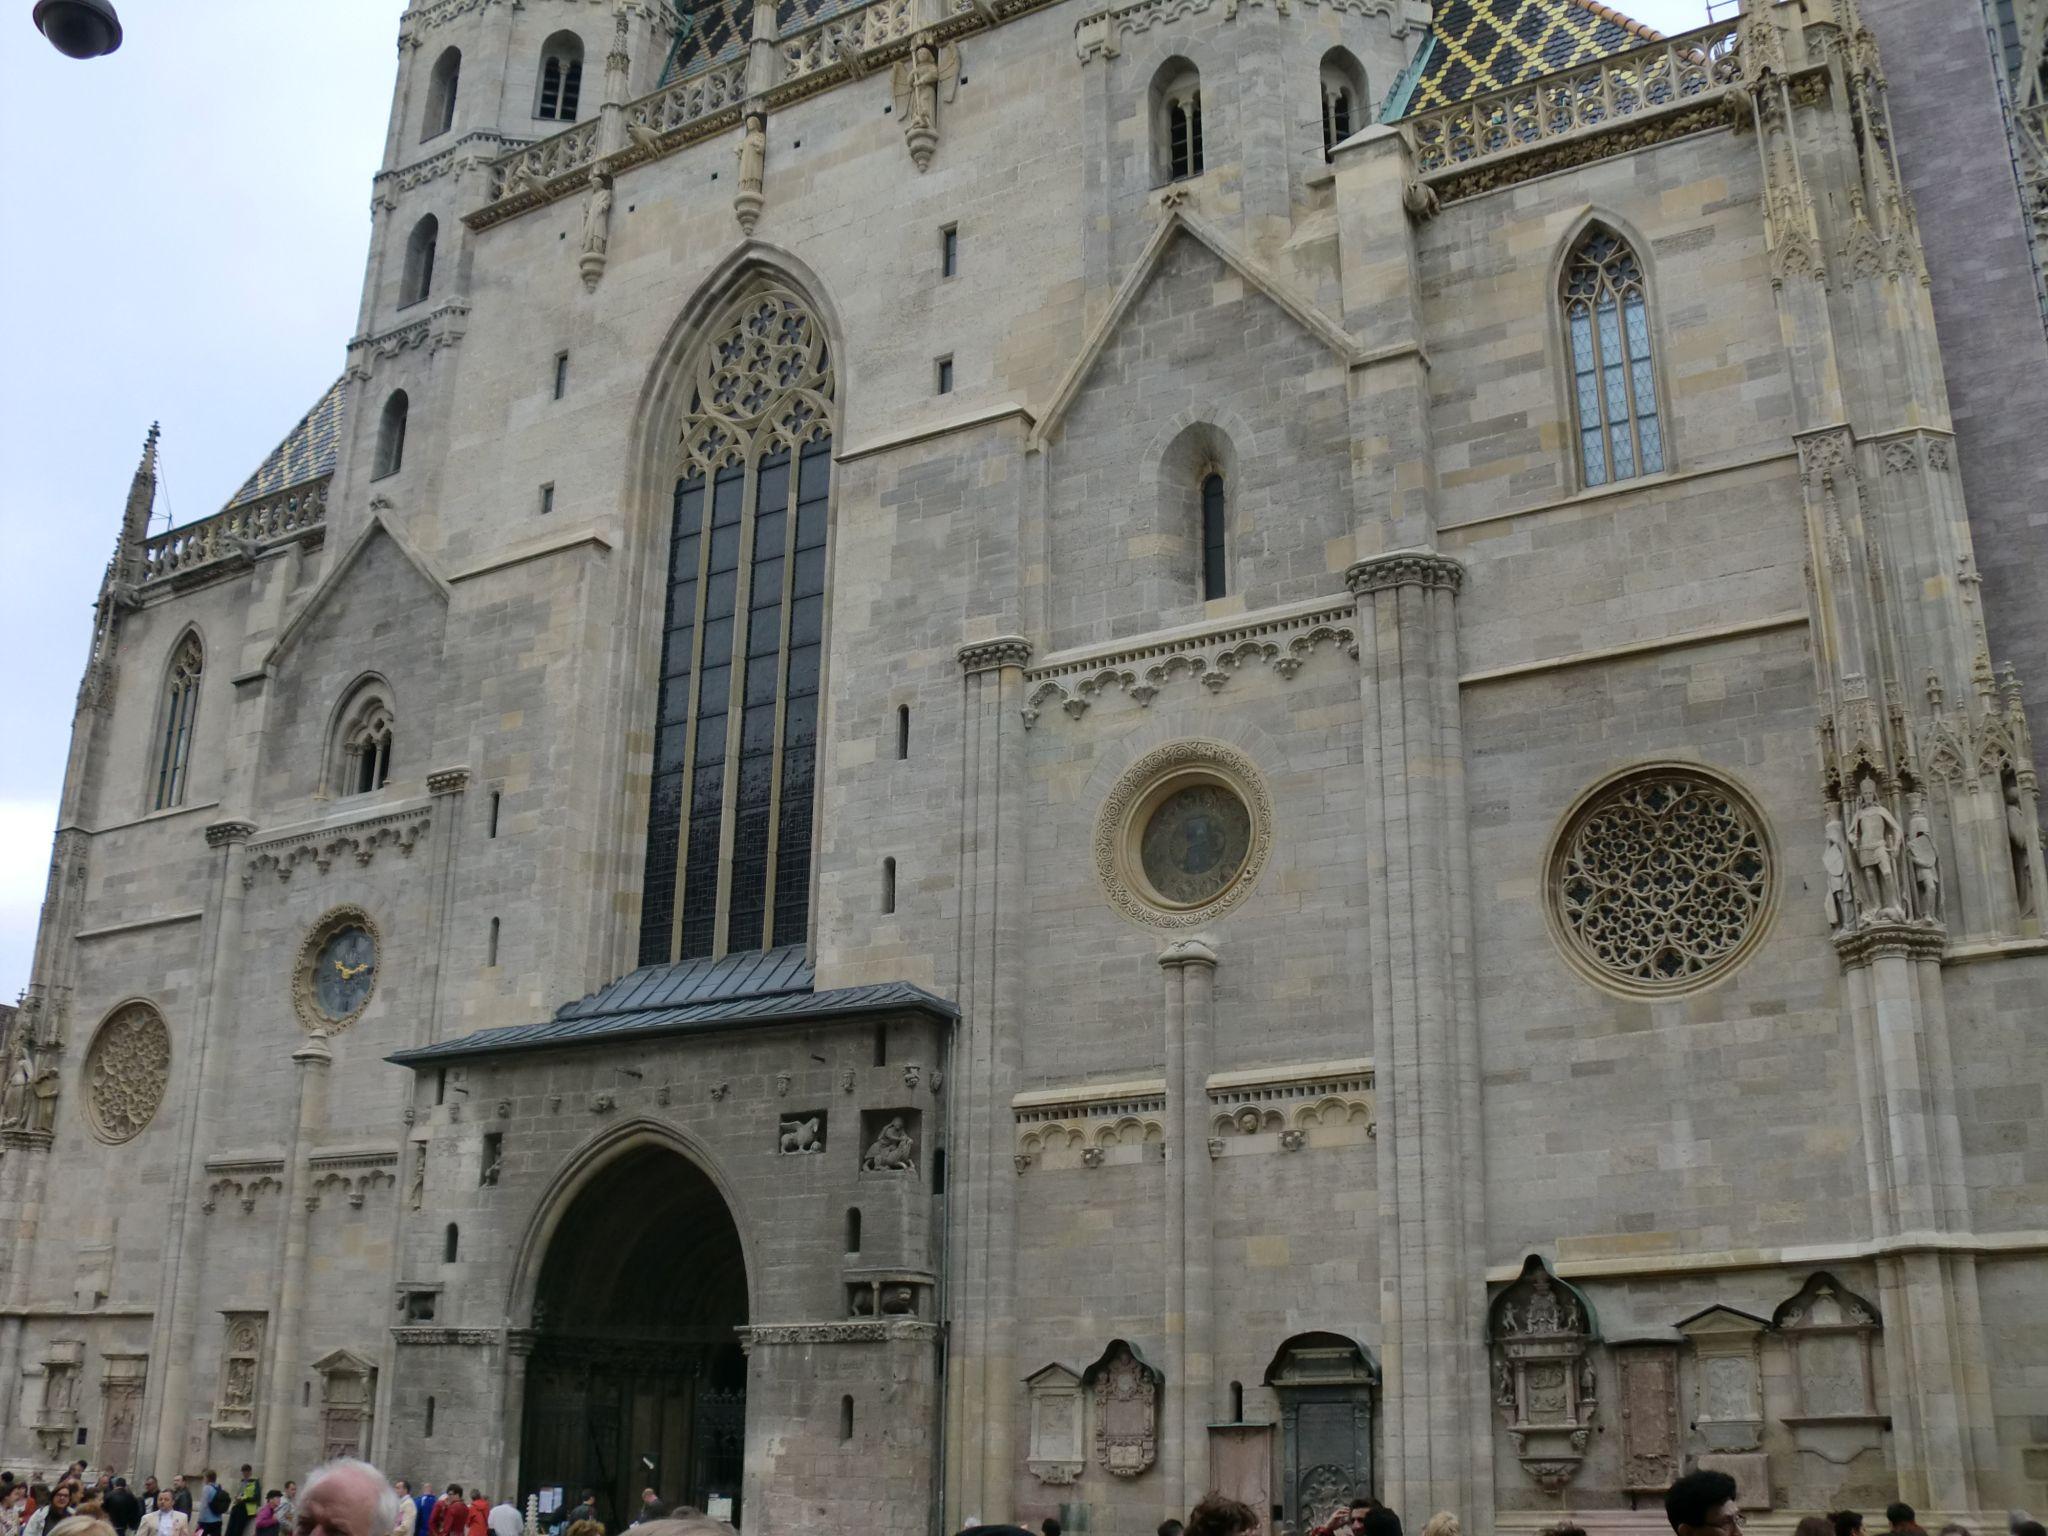 Vienna cathedral 28 1440x1080 - Vienna: elegant beauty